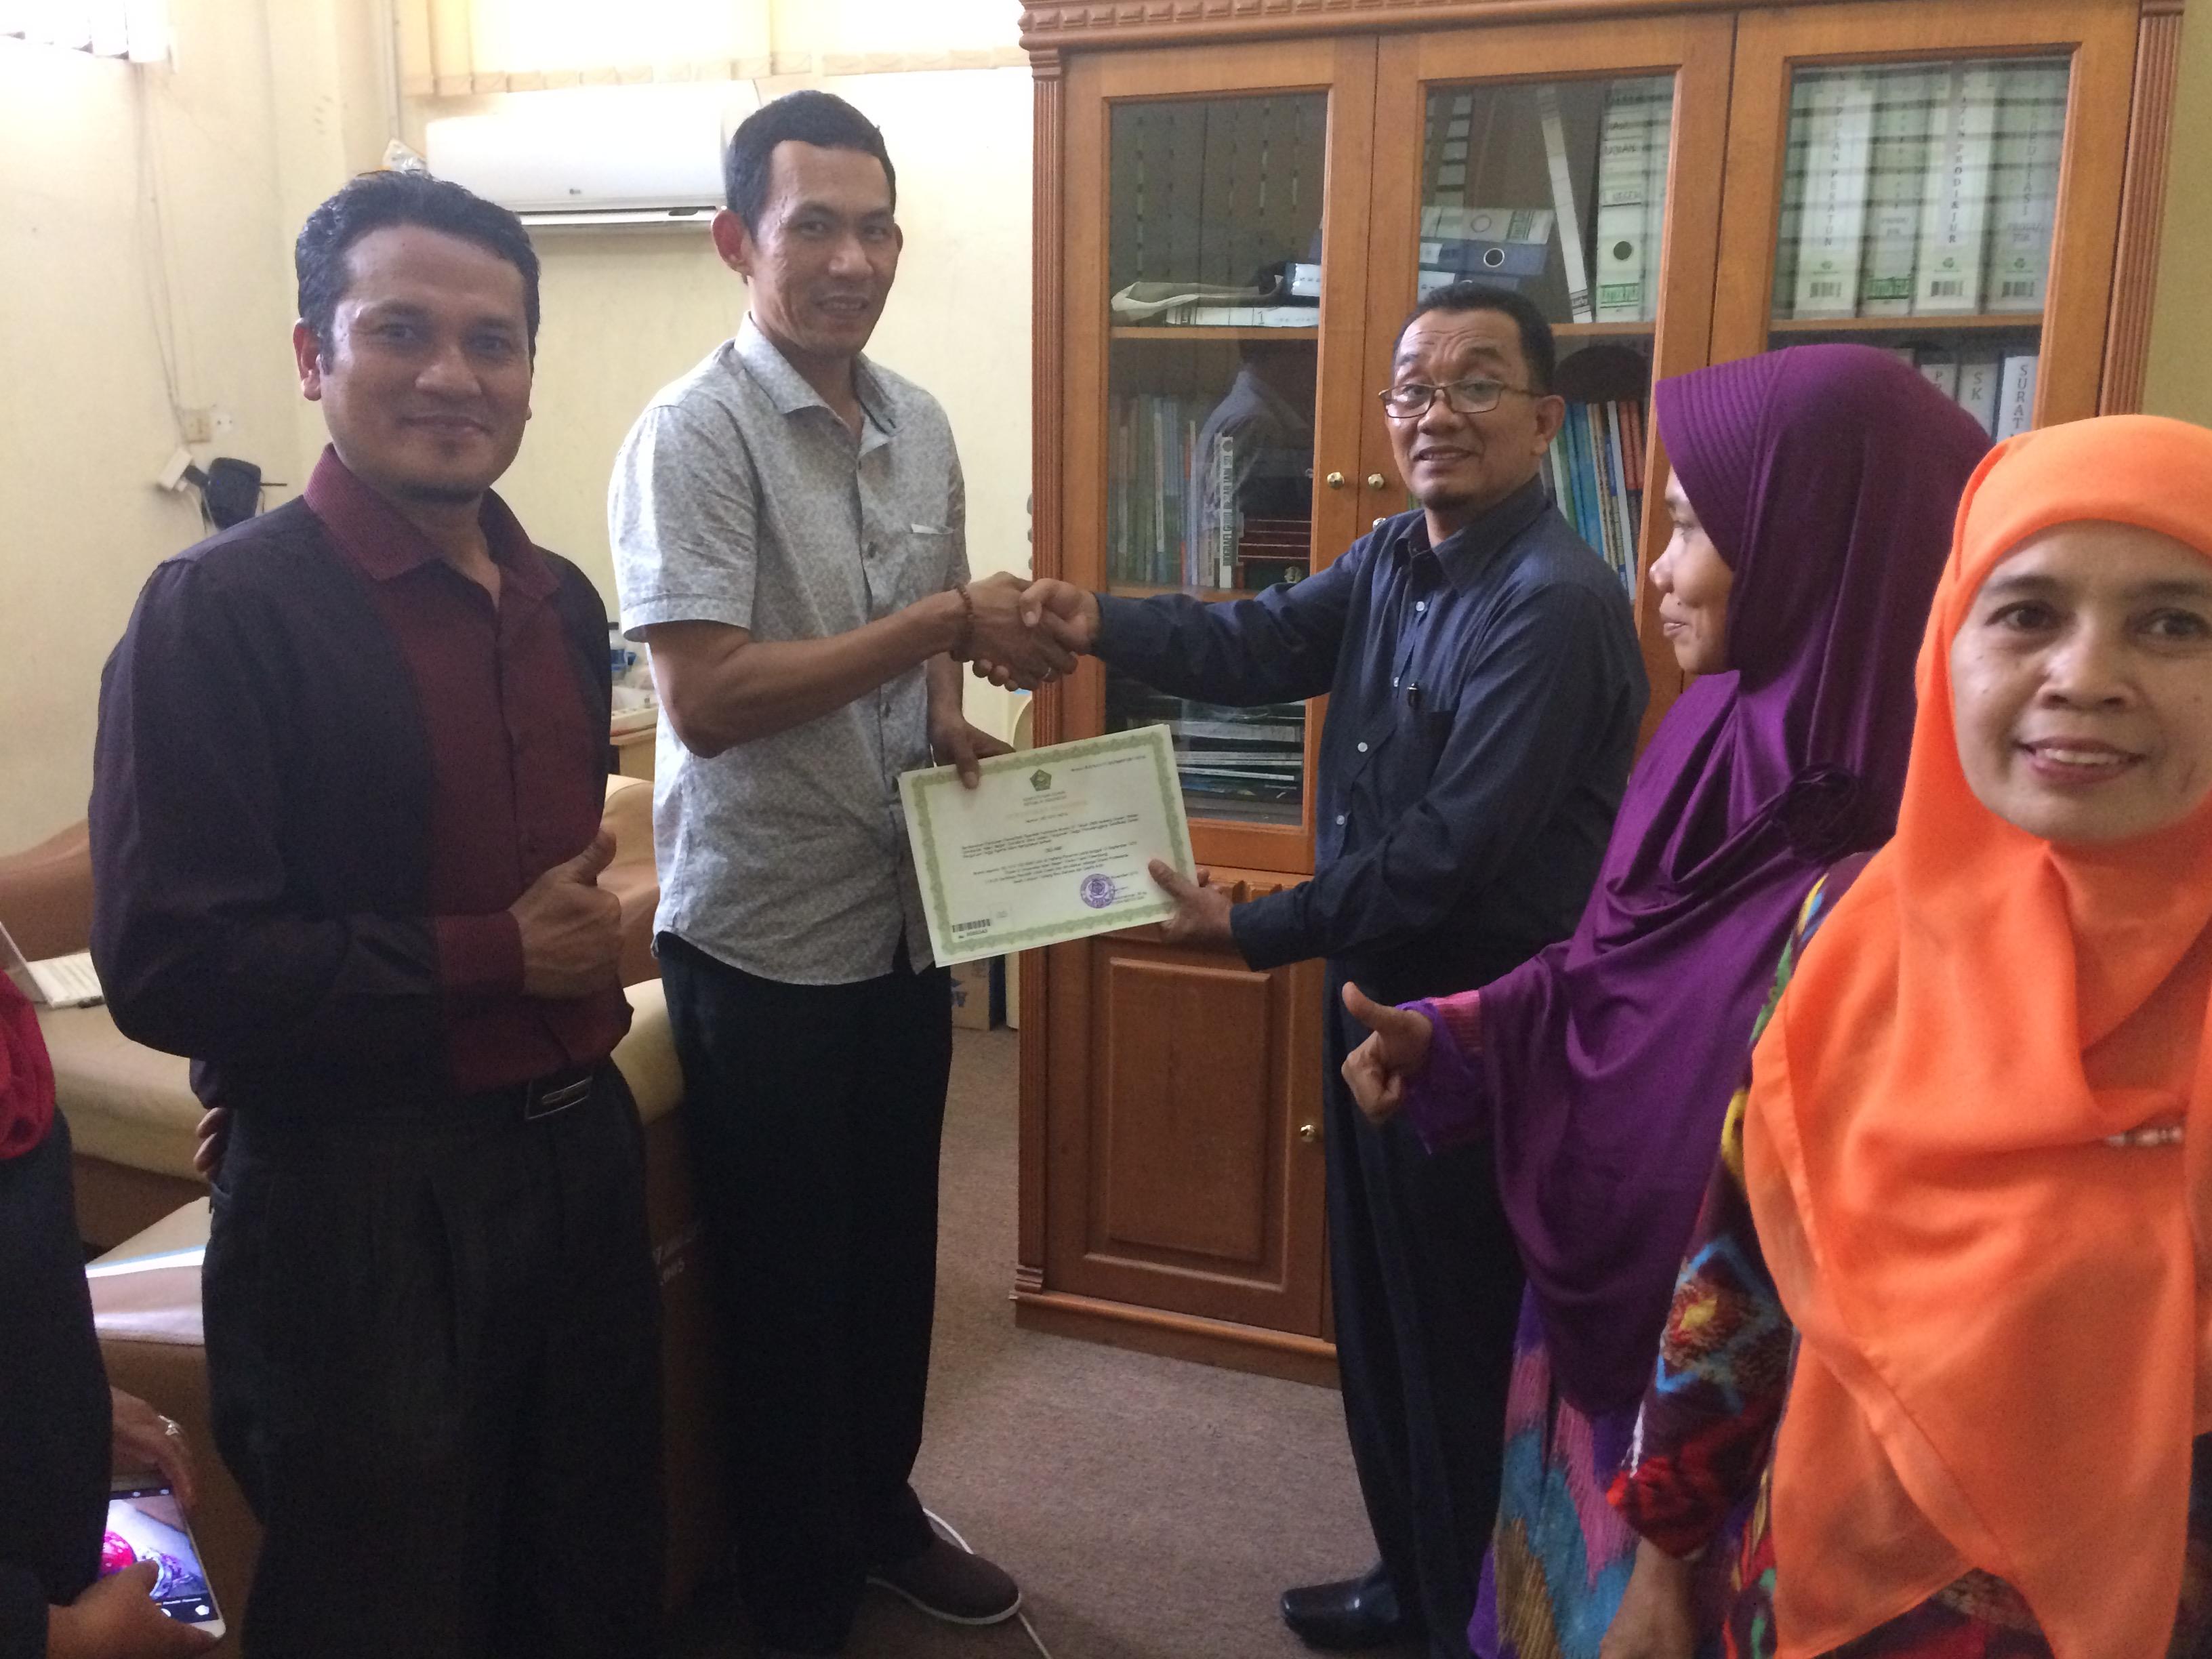 Serat Terima Penyerahan Sertifikat Sertifikasi Dosen UIN Palembang Kepada LPM UIN Palembang